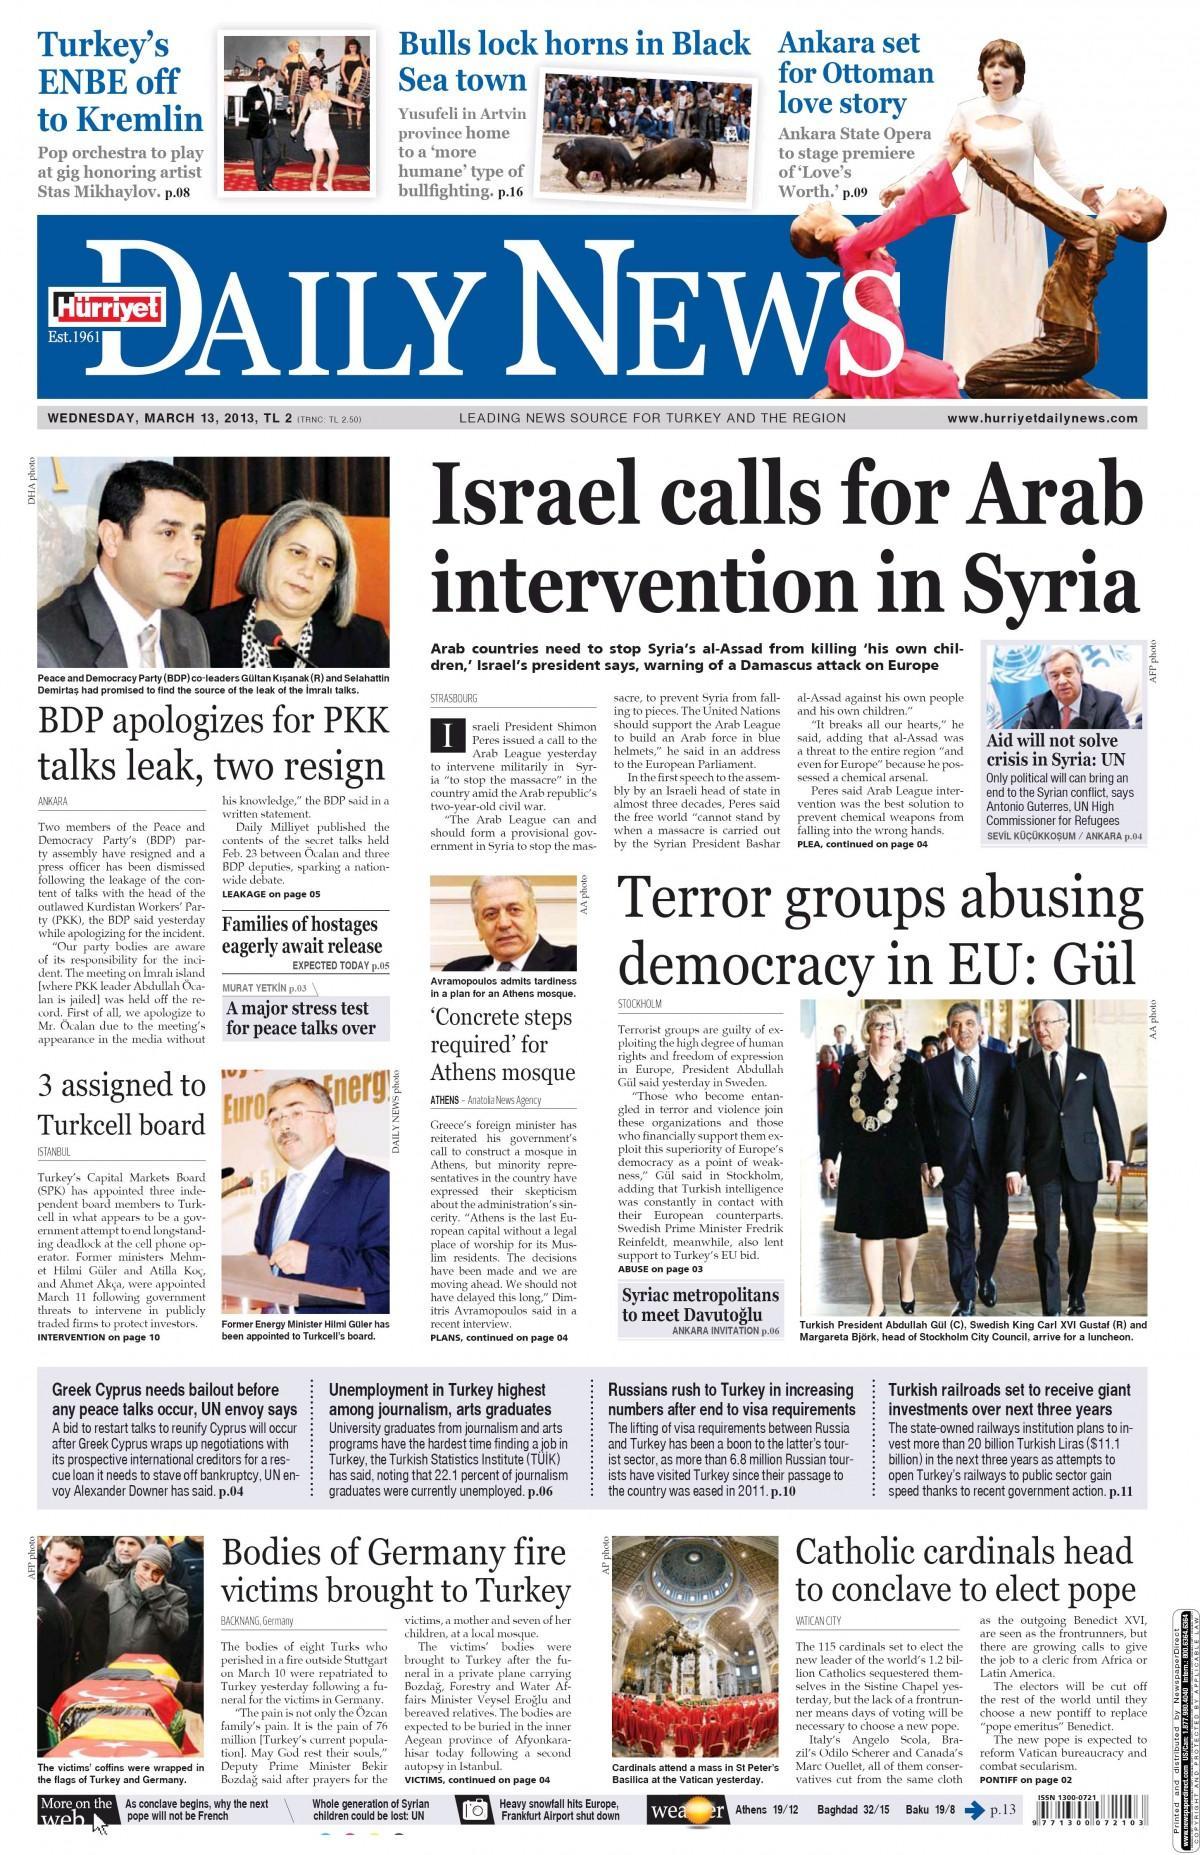 Daily news 3april1973 parties resume gittigidiyorda 51578672